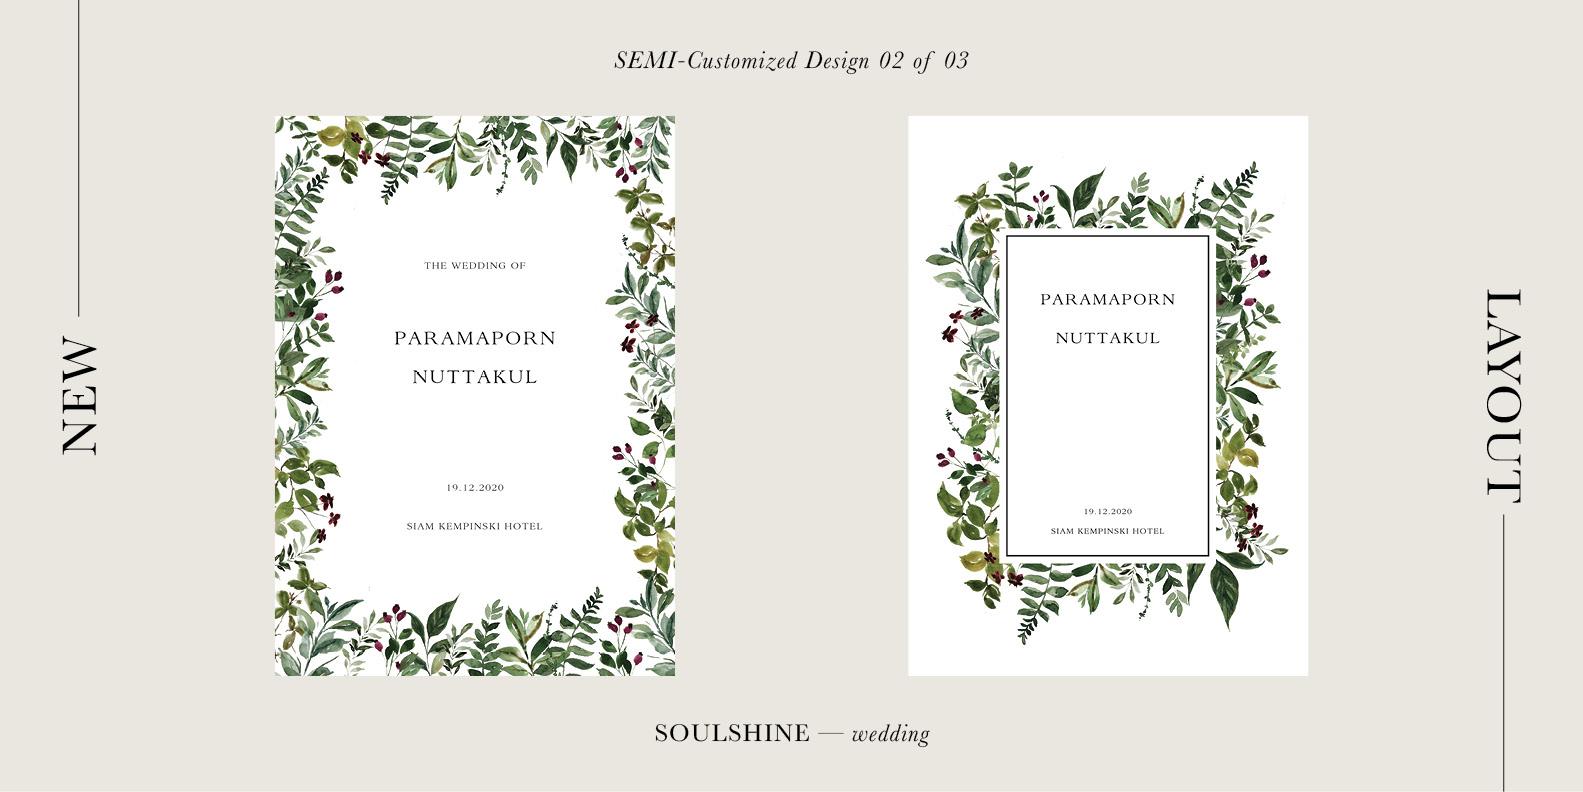 ออกแบบการ์ดแต่งงาน พิมพ์การ์ดแต่งงาน มินิมอล สไตล์เรียบหรู สวยๆ แนววินเทจ เก๋ๆ ปรับแก้แบบการ์ด semi-customized 02